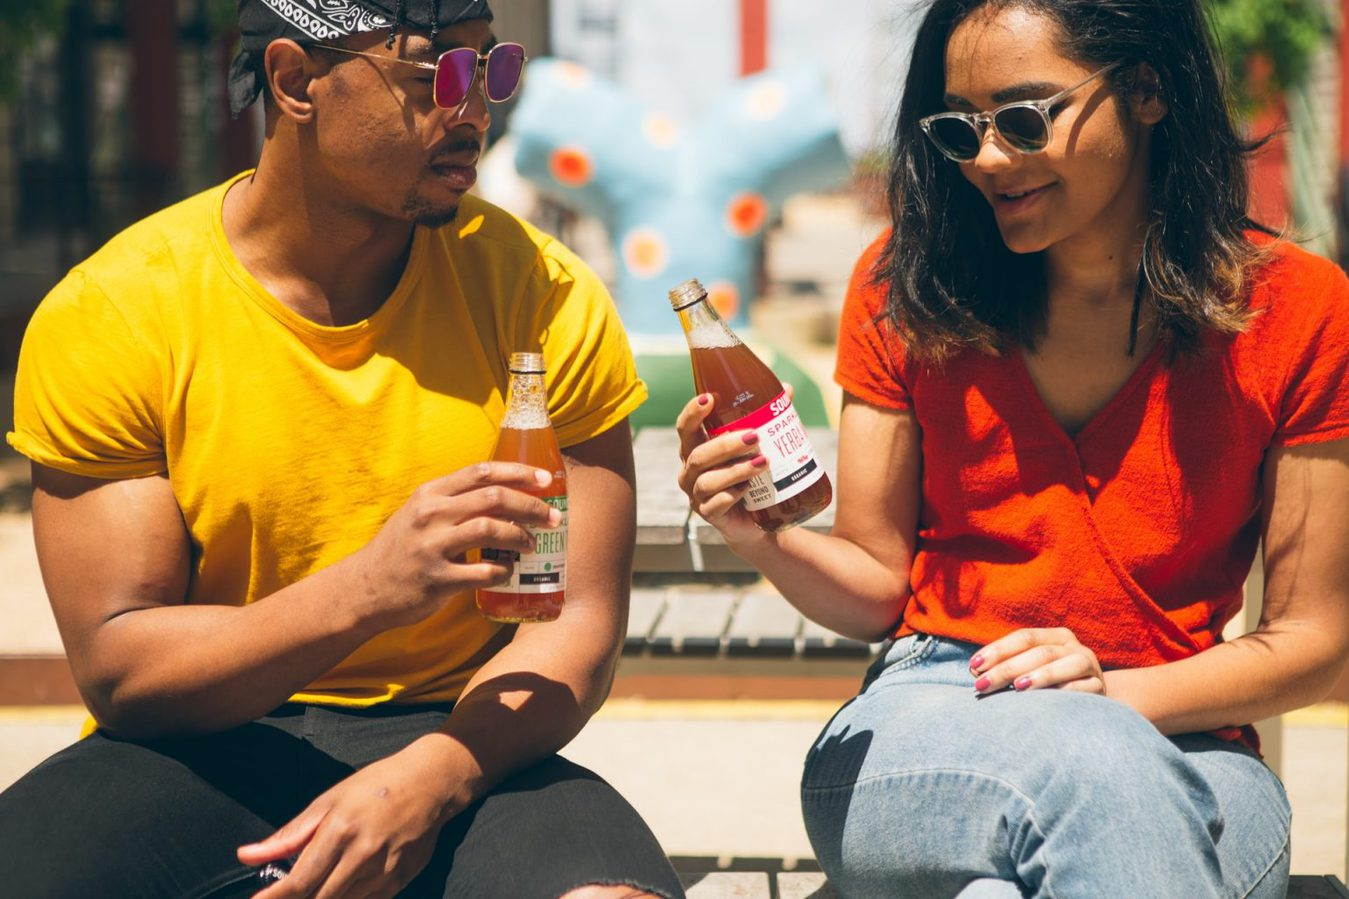 Two friends drinking soda